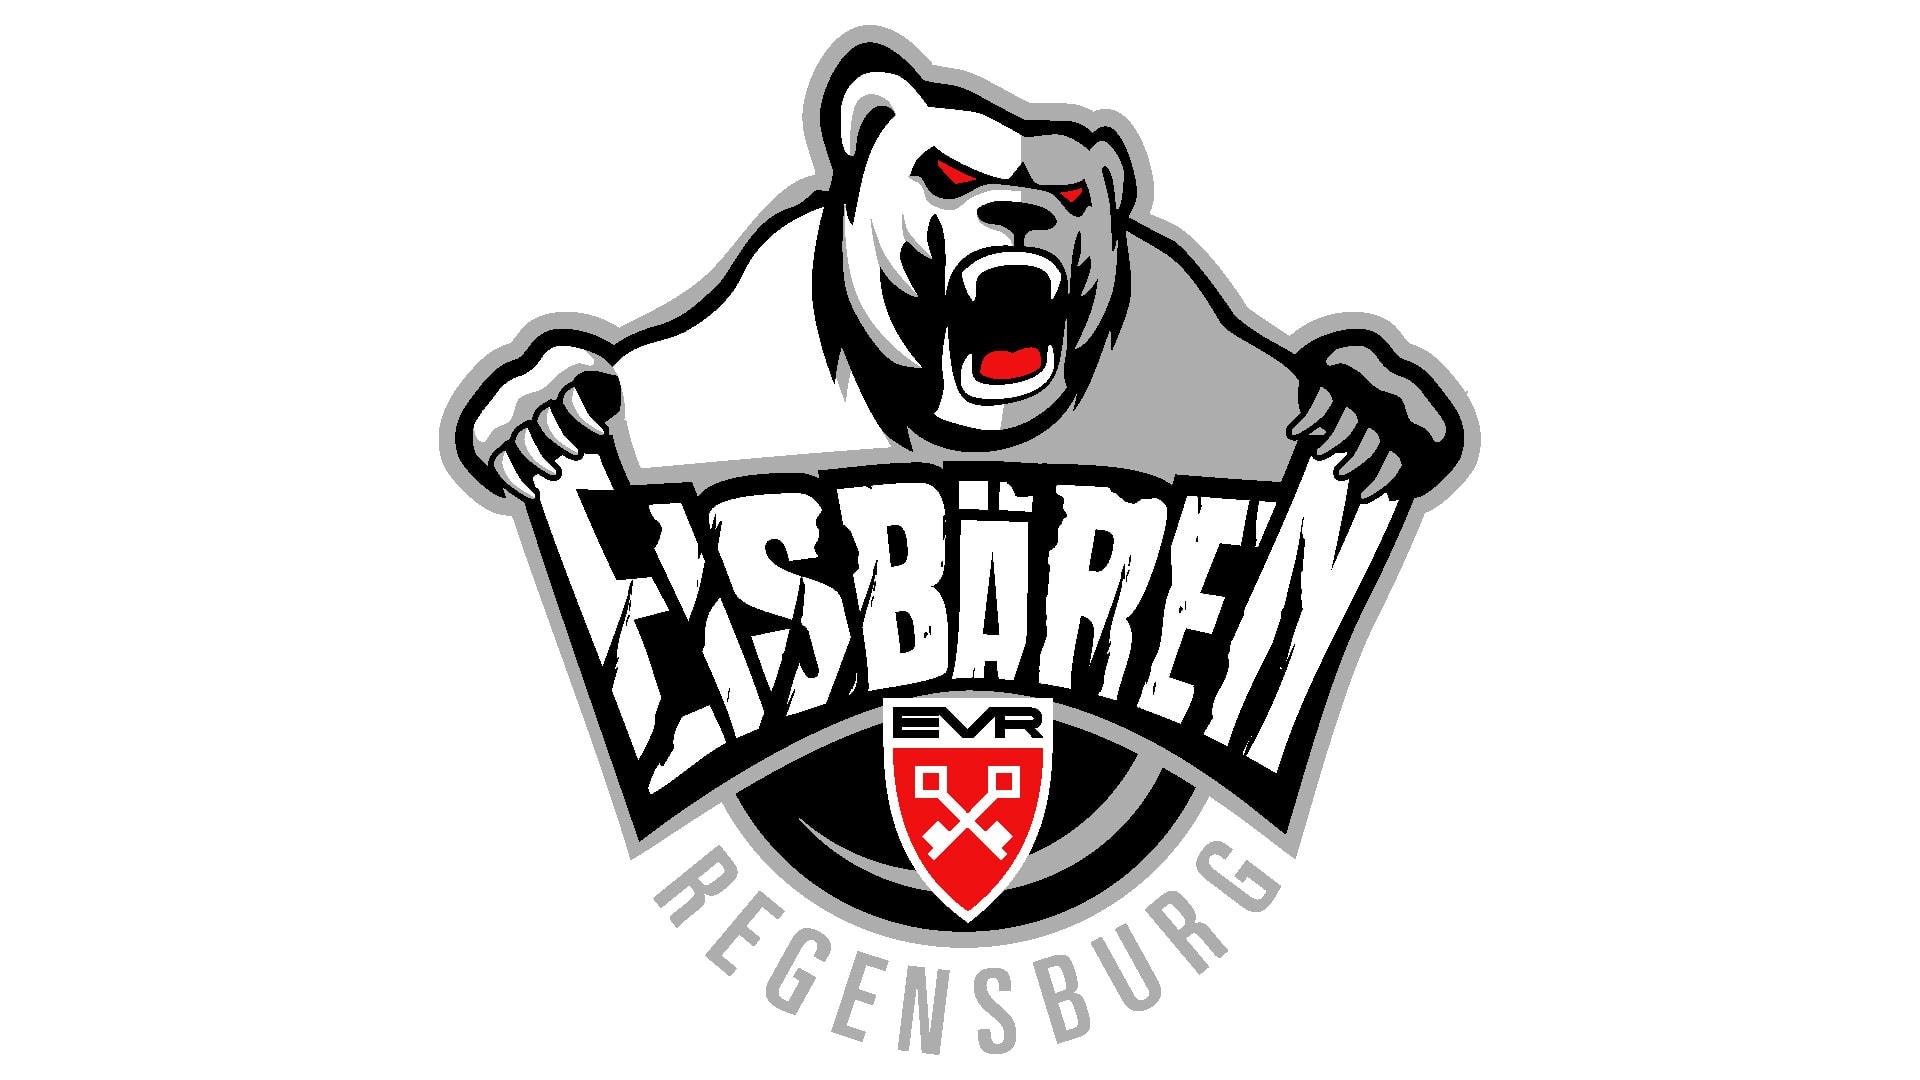 So kann man die Eisbären Regensburg unterstützen Corona-Krise große Herausforderung für Eishockey-Club